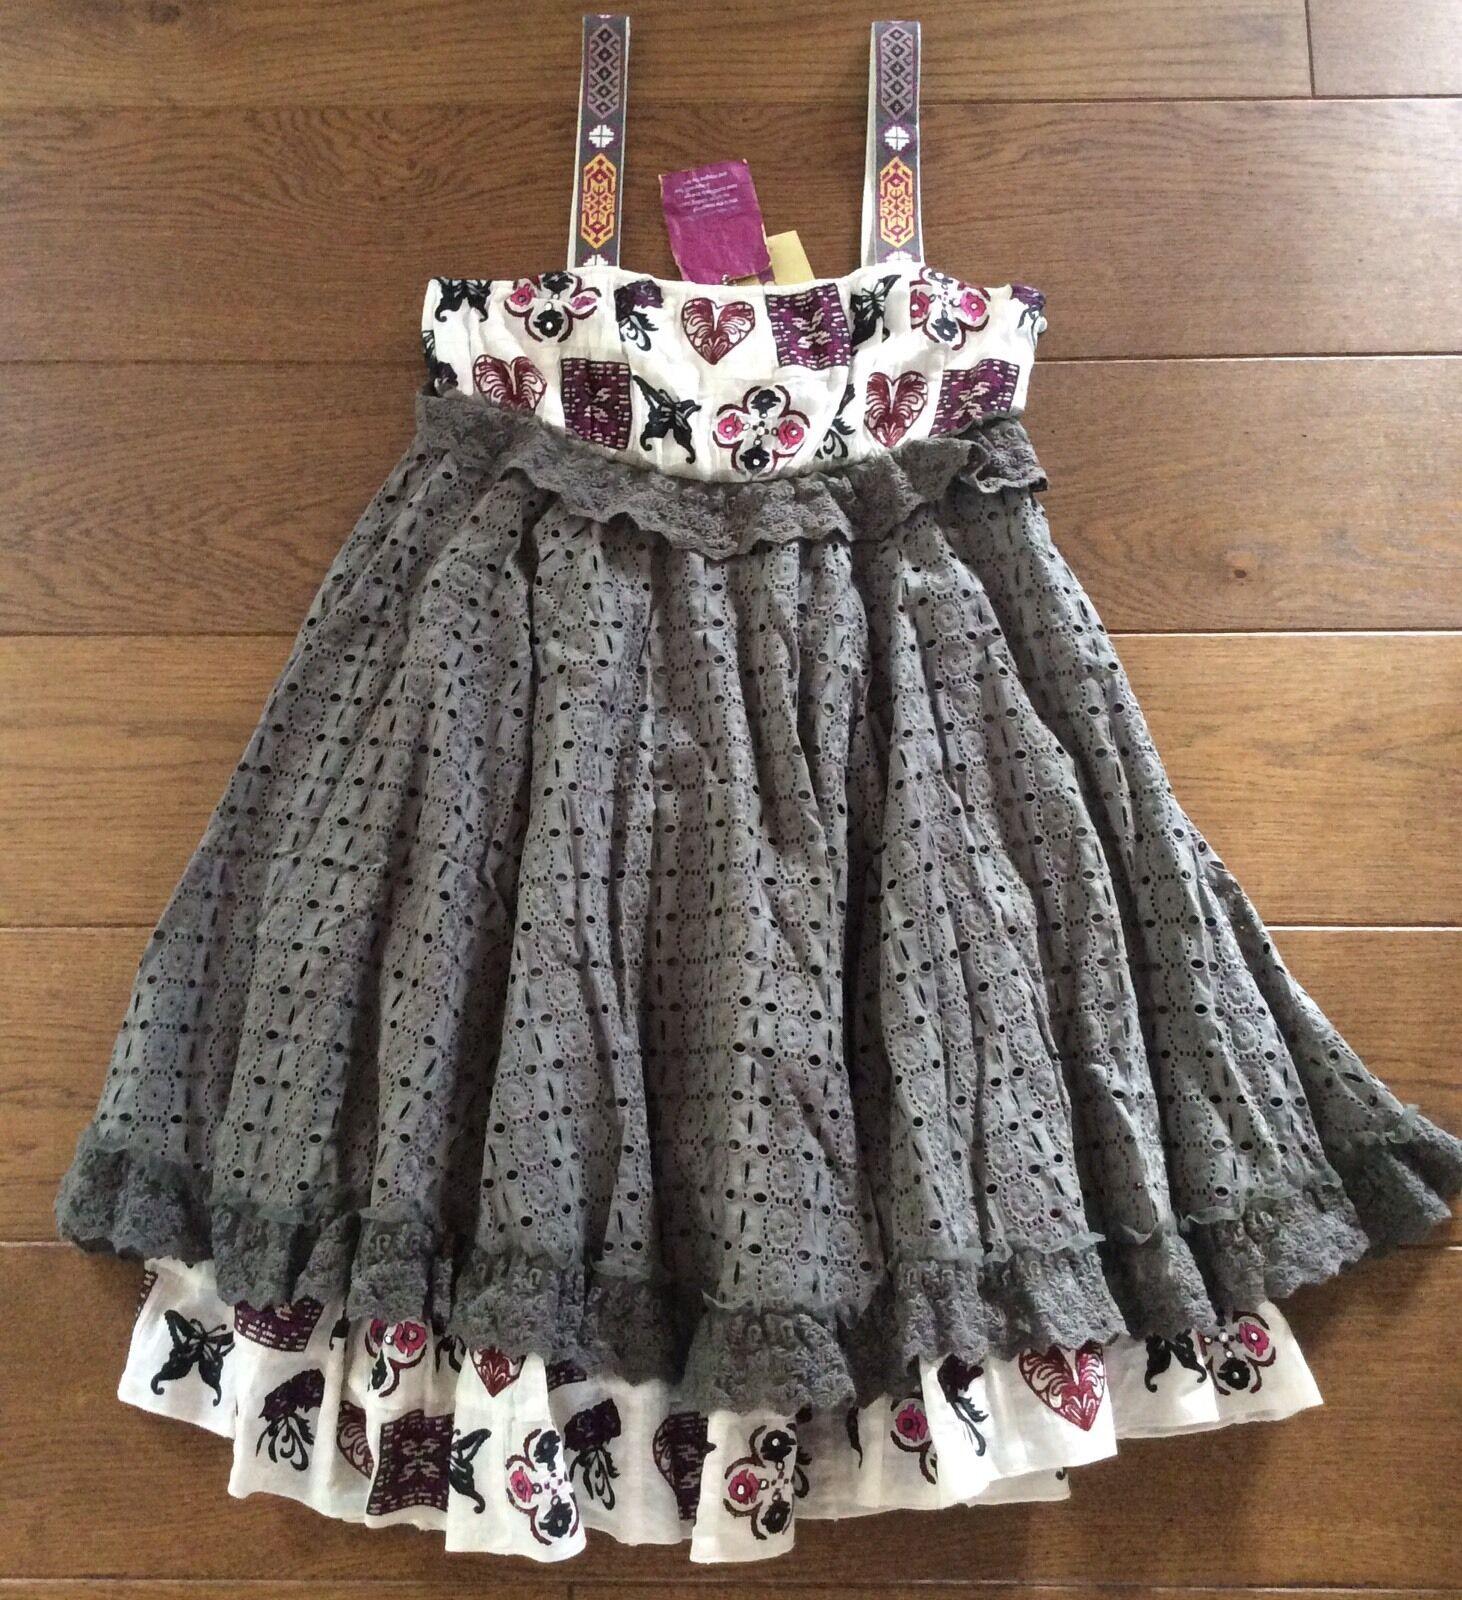 Odd Odd Odd Molly Schweden Kleid Folklore     | Überlegen  | Erschwinglich  | Ausgezeichnet  | Ich kann es nicht ablegen  806edd